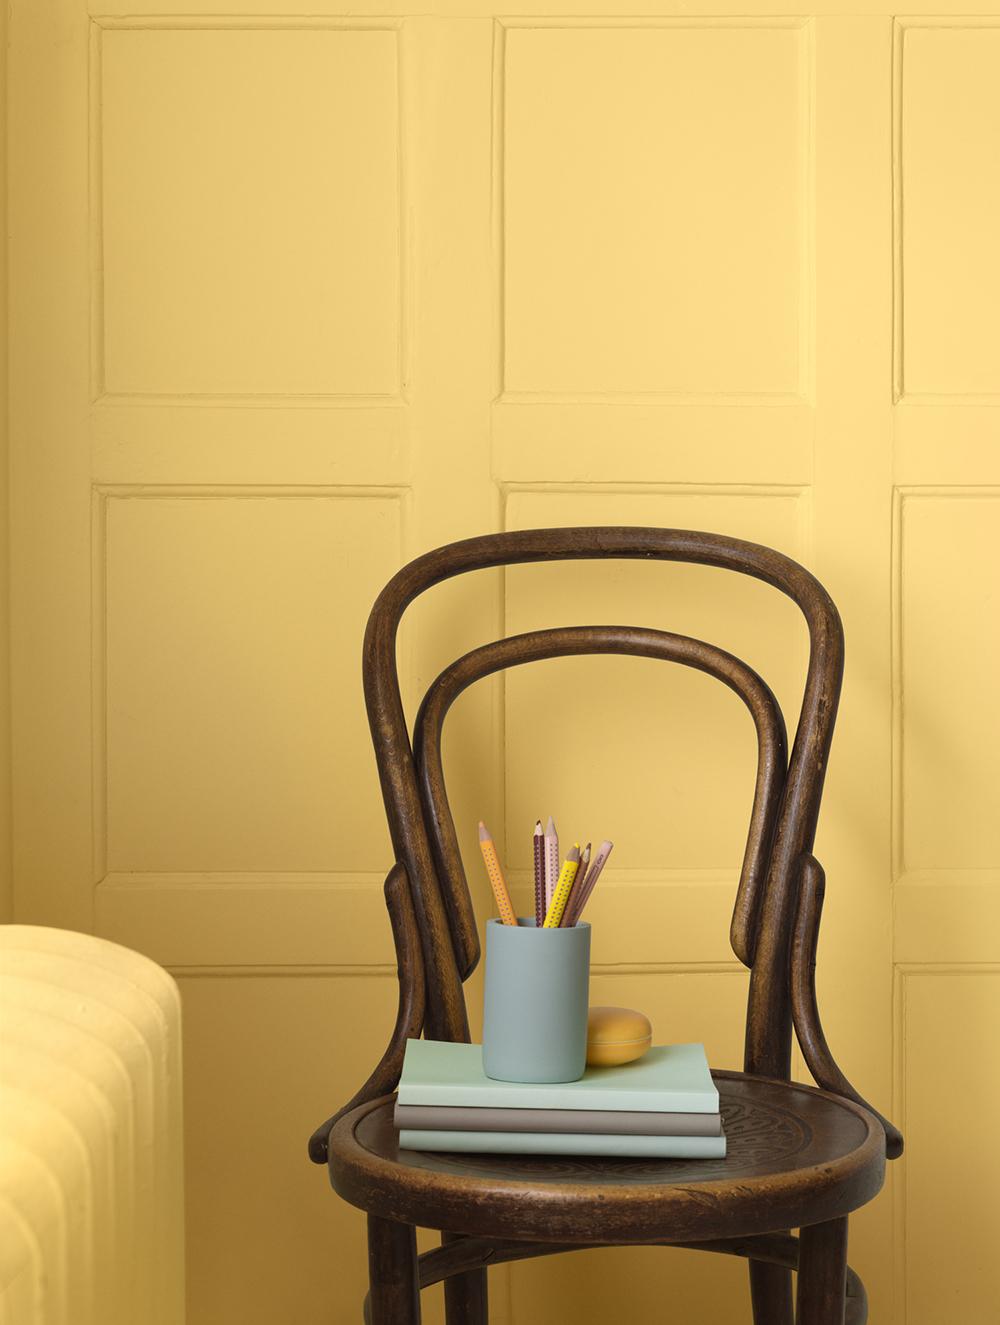 711 Fevik är en gul färg från Alcro